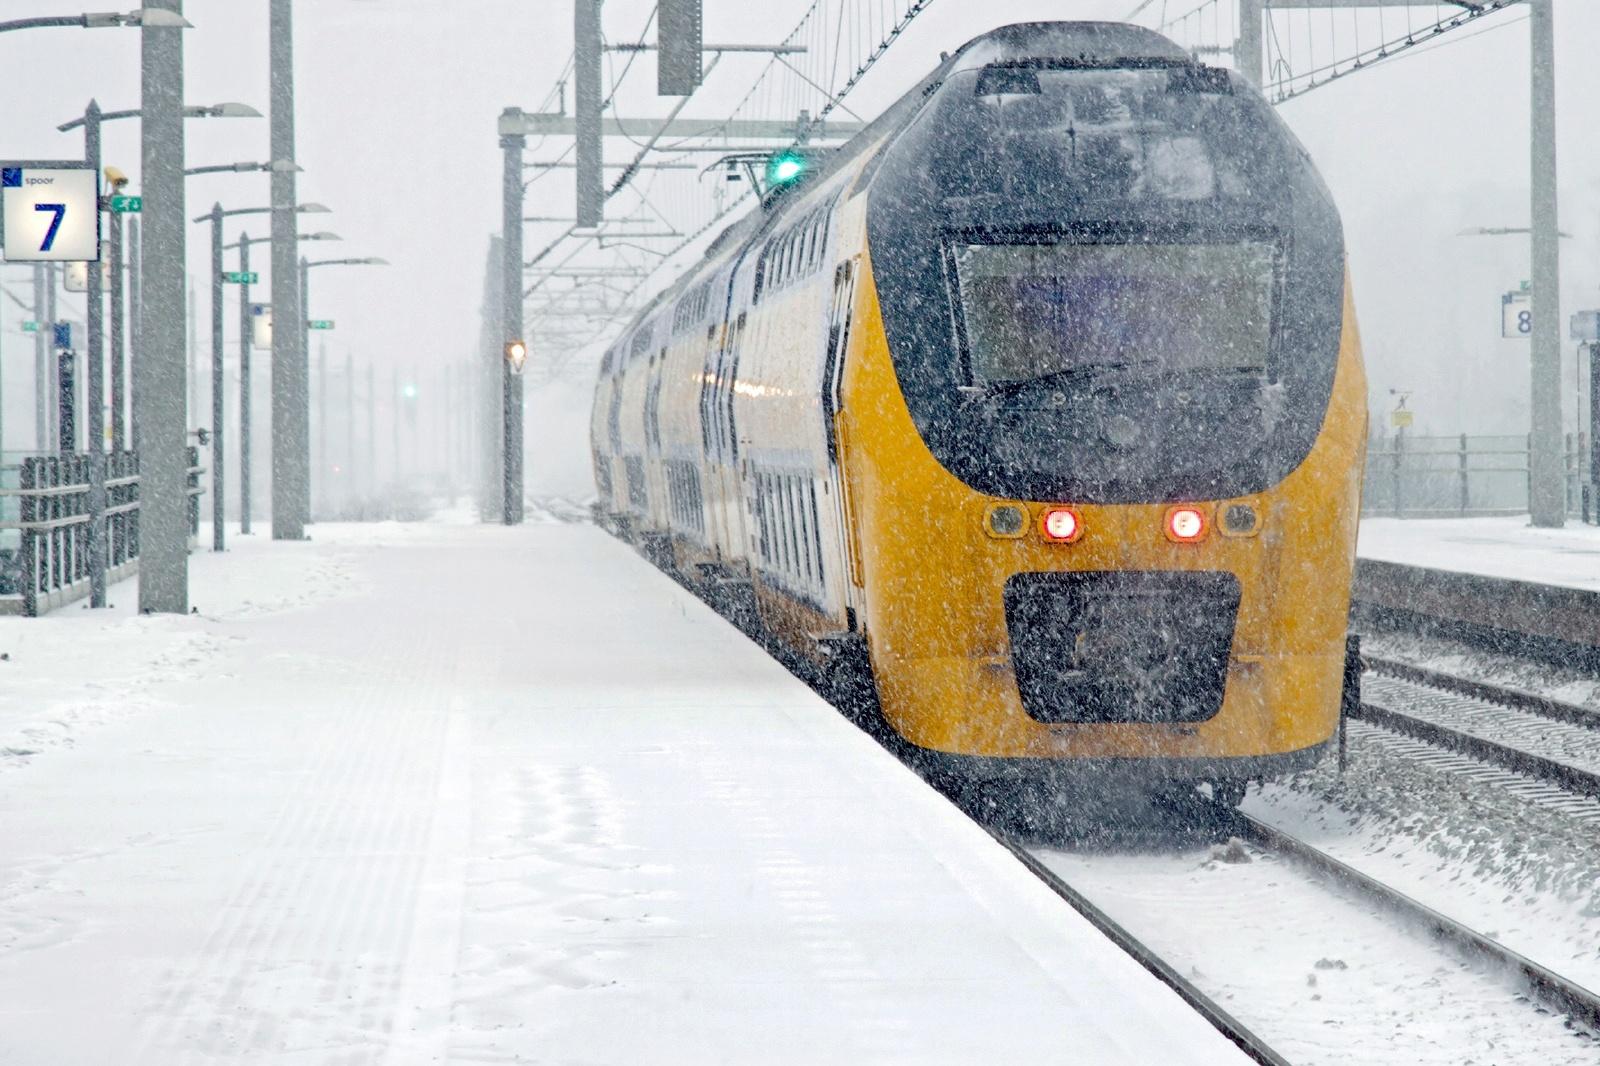 冬のアムステルダム オランダの鉄道風景